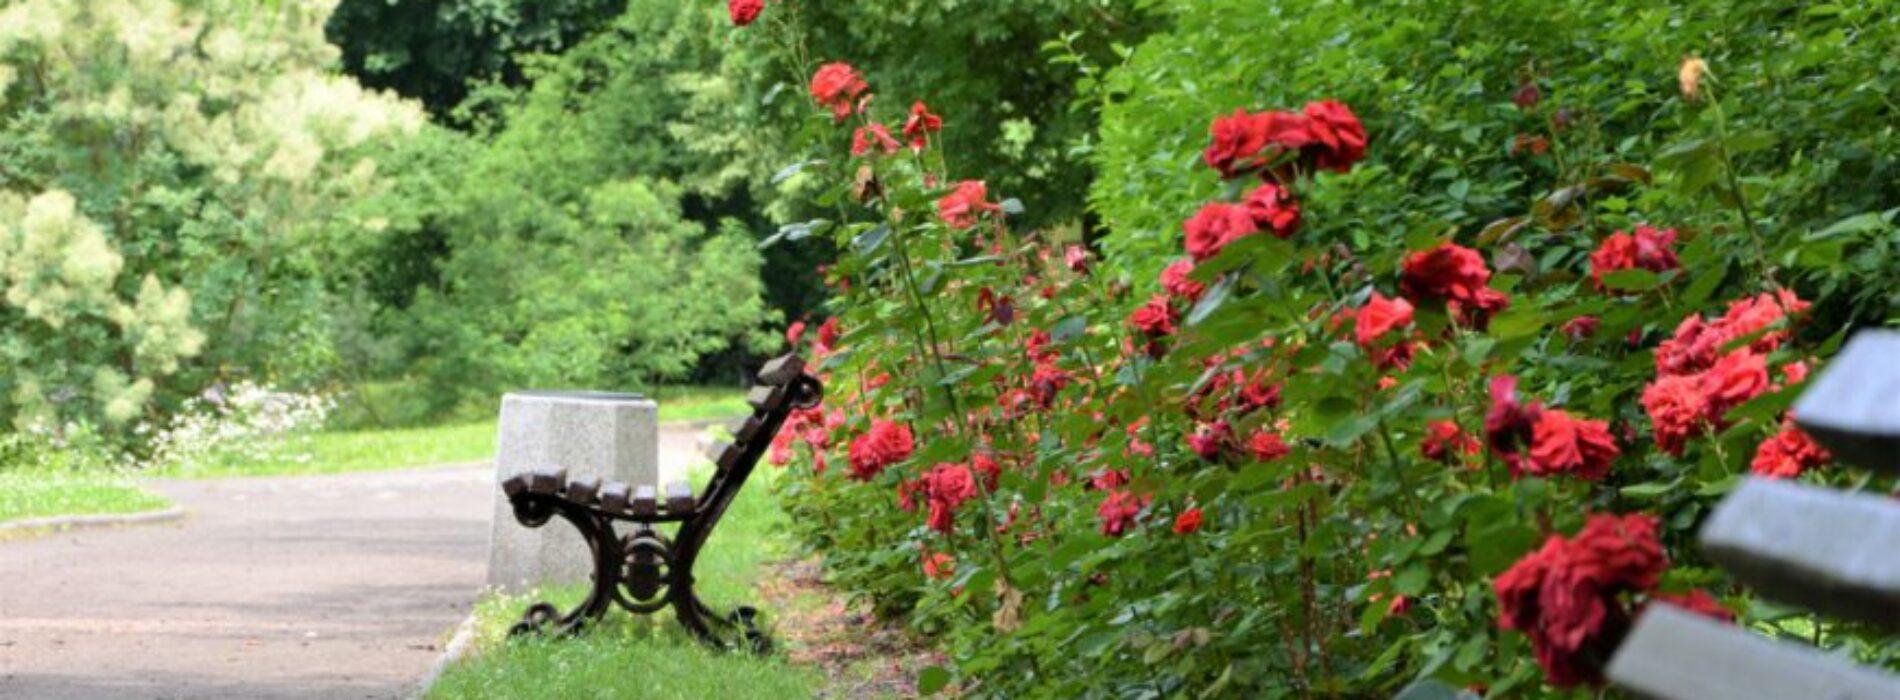 Miejski Ogród Botaniczny zaprasza